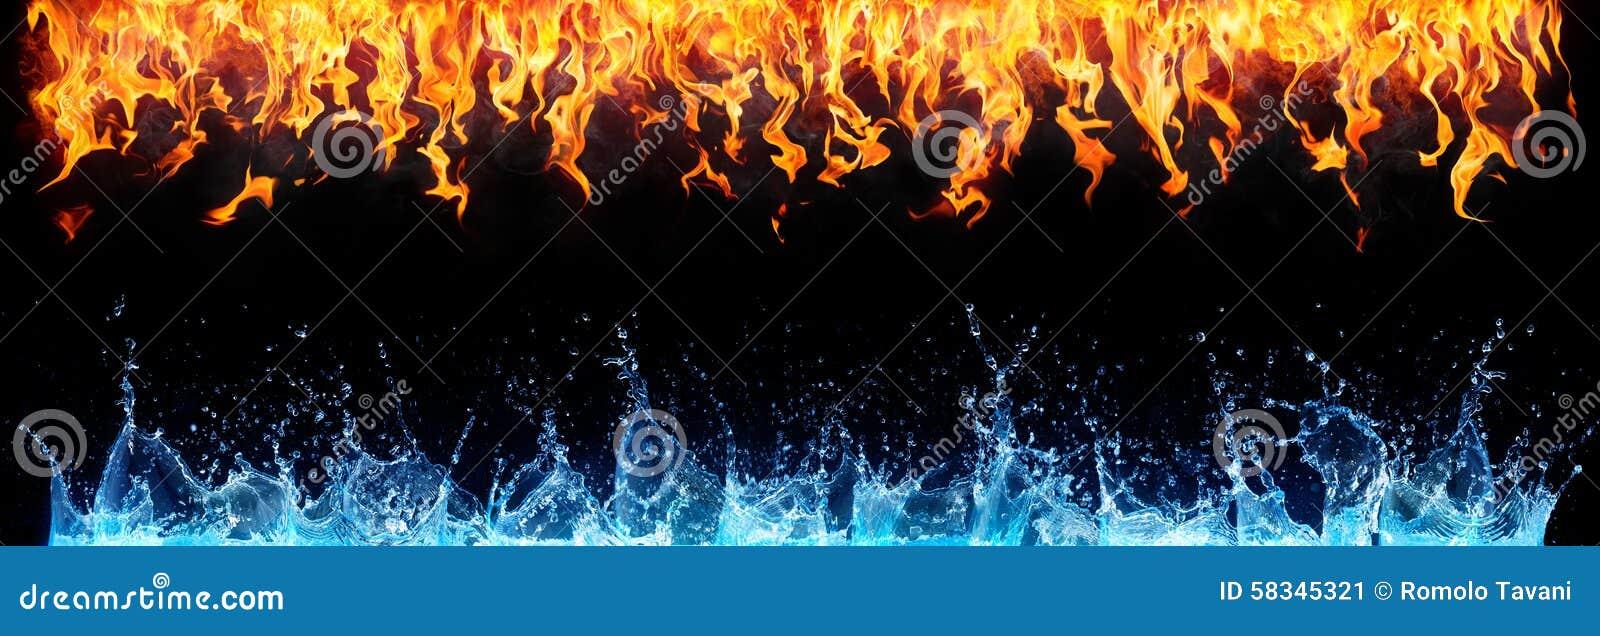 feuer und wasser 4 kostenlos